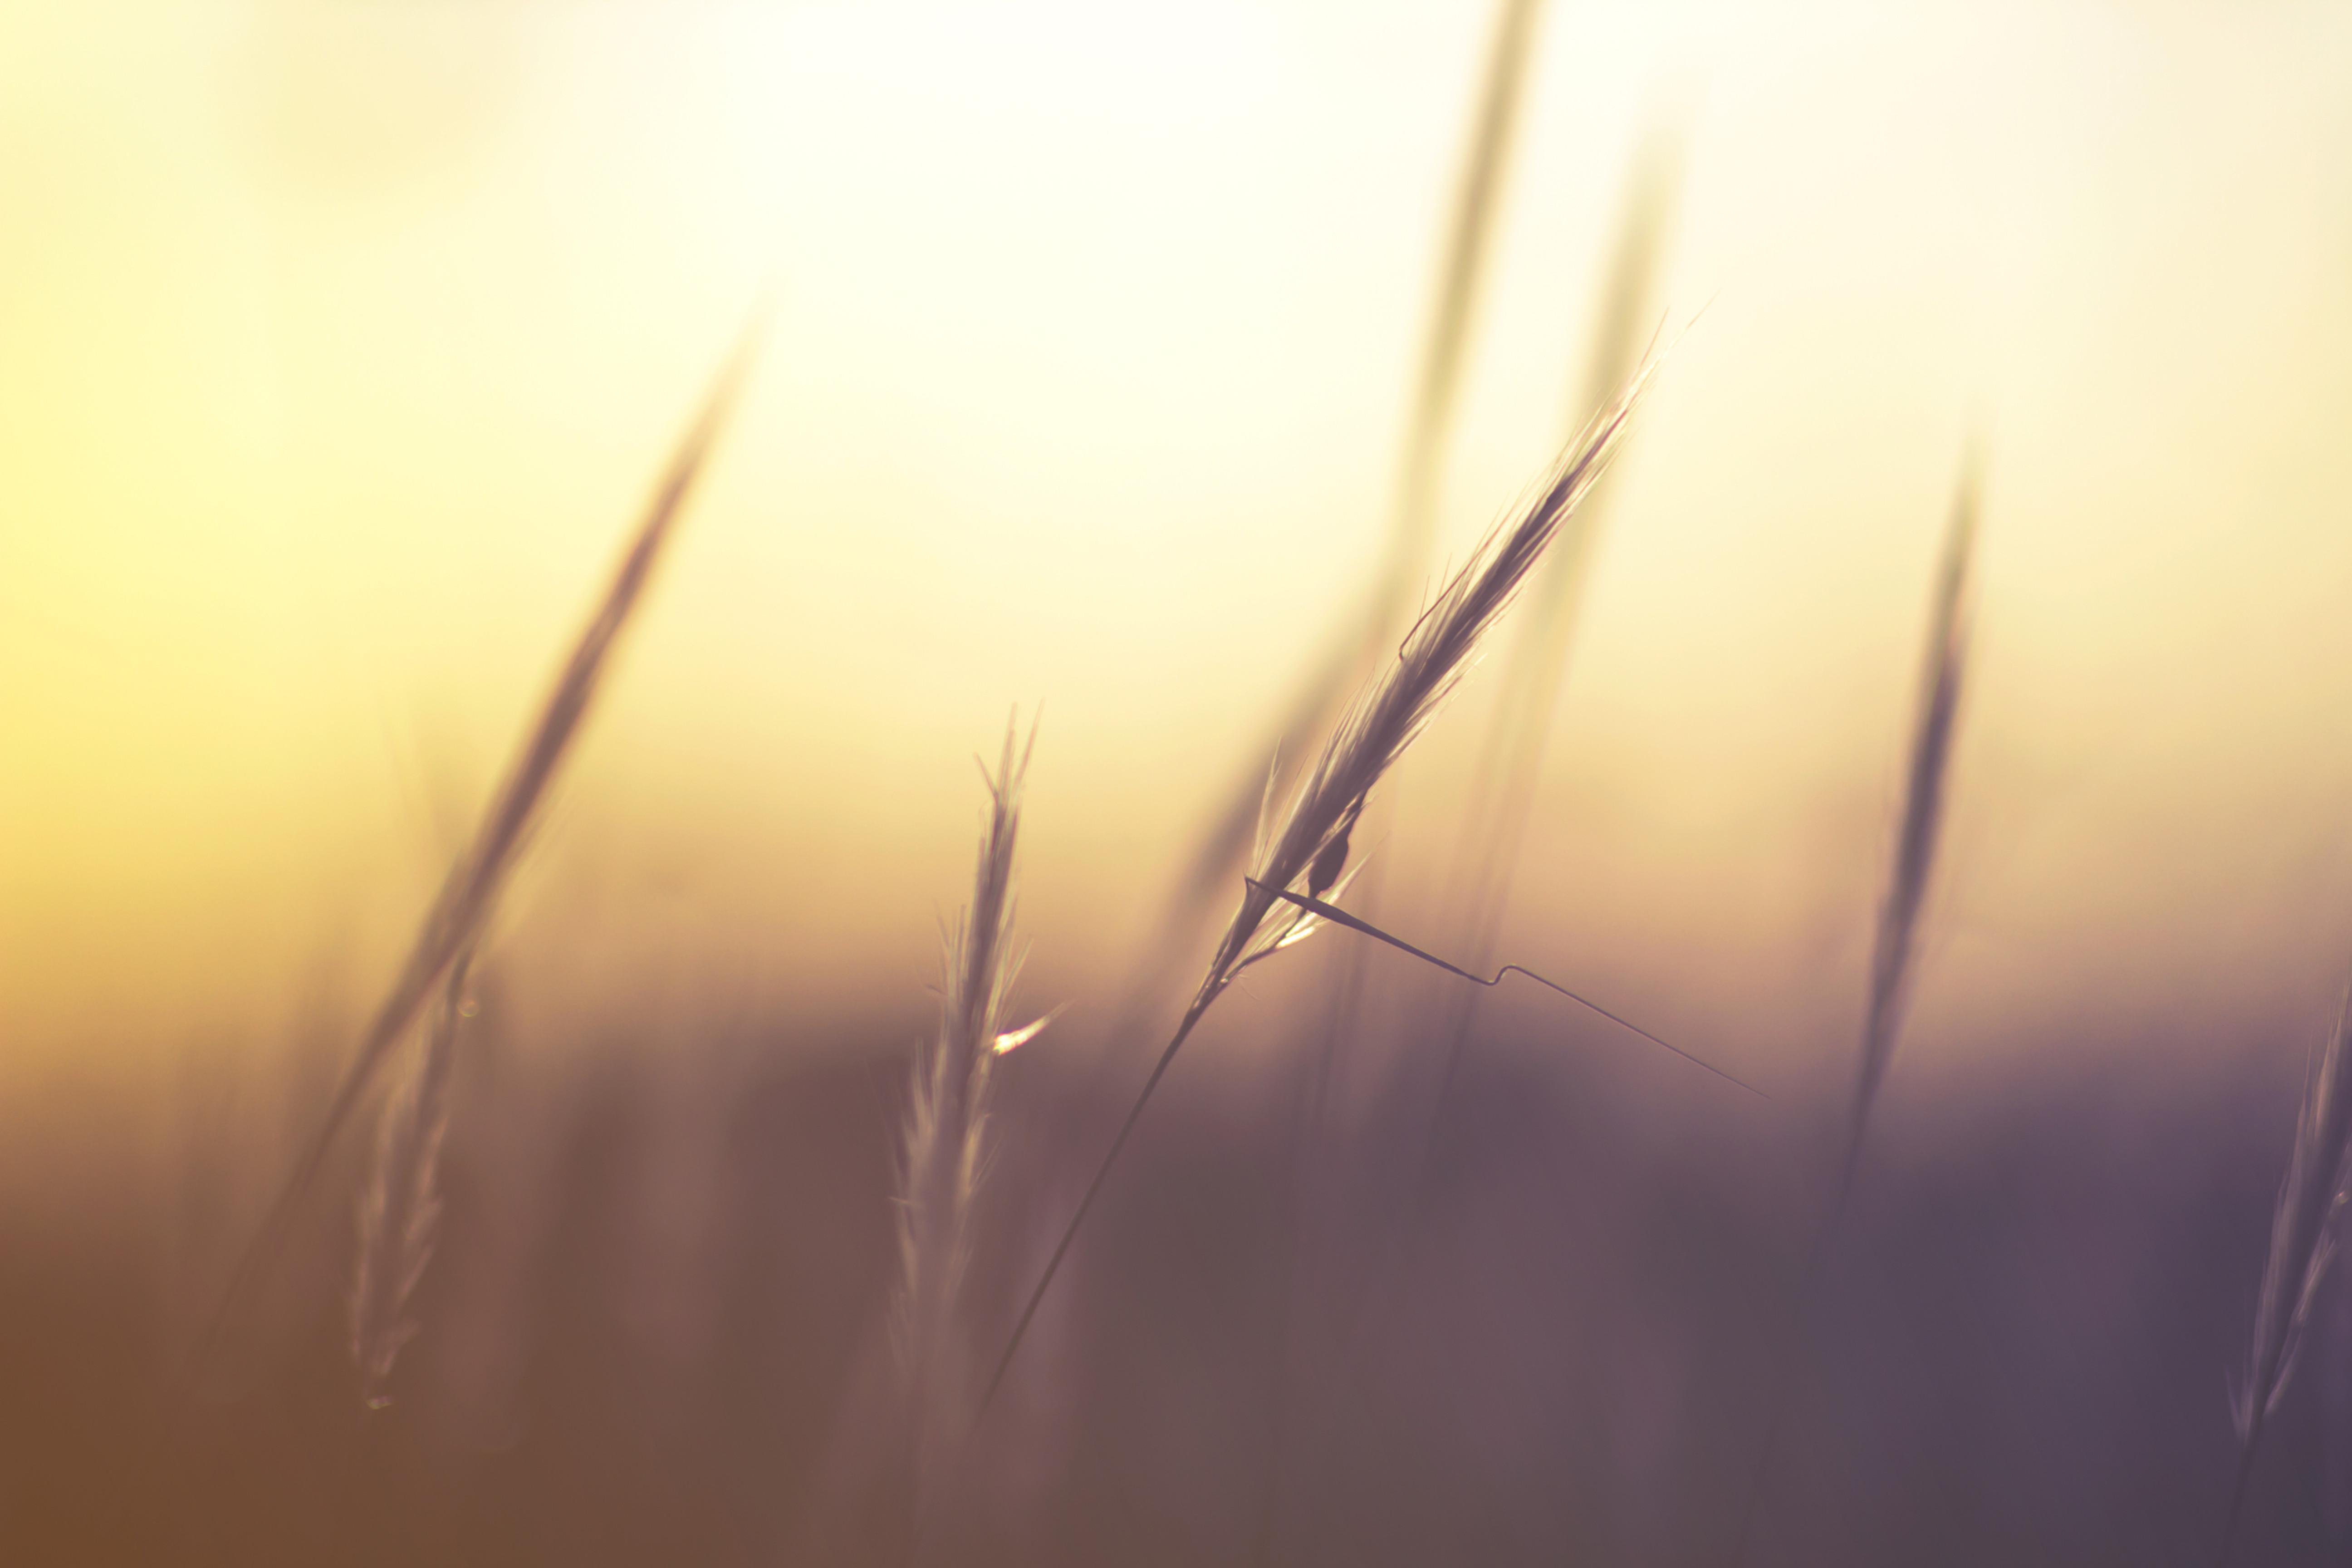 Gratefulness Meditation